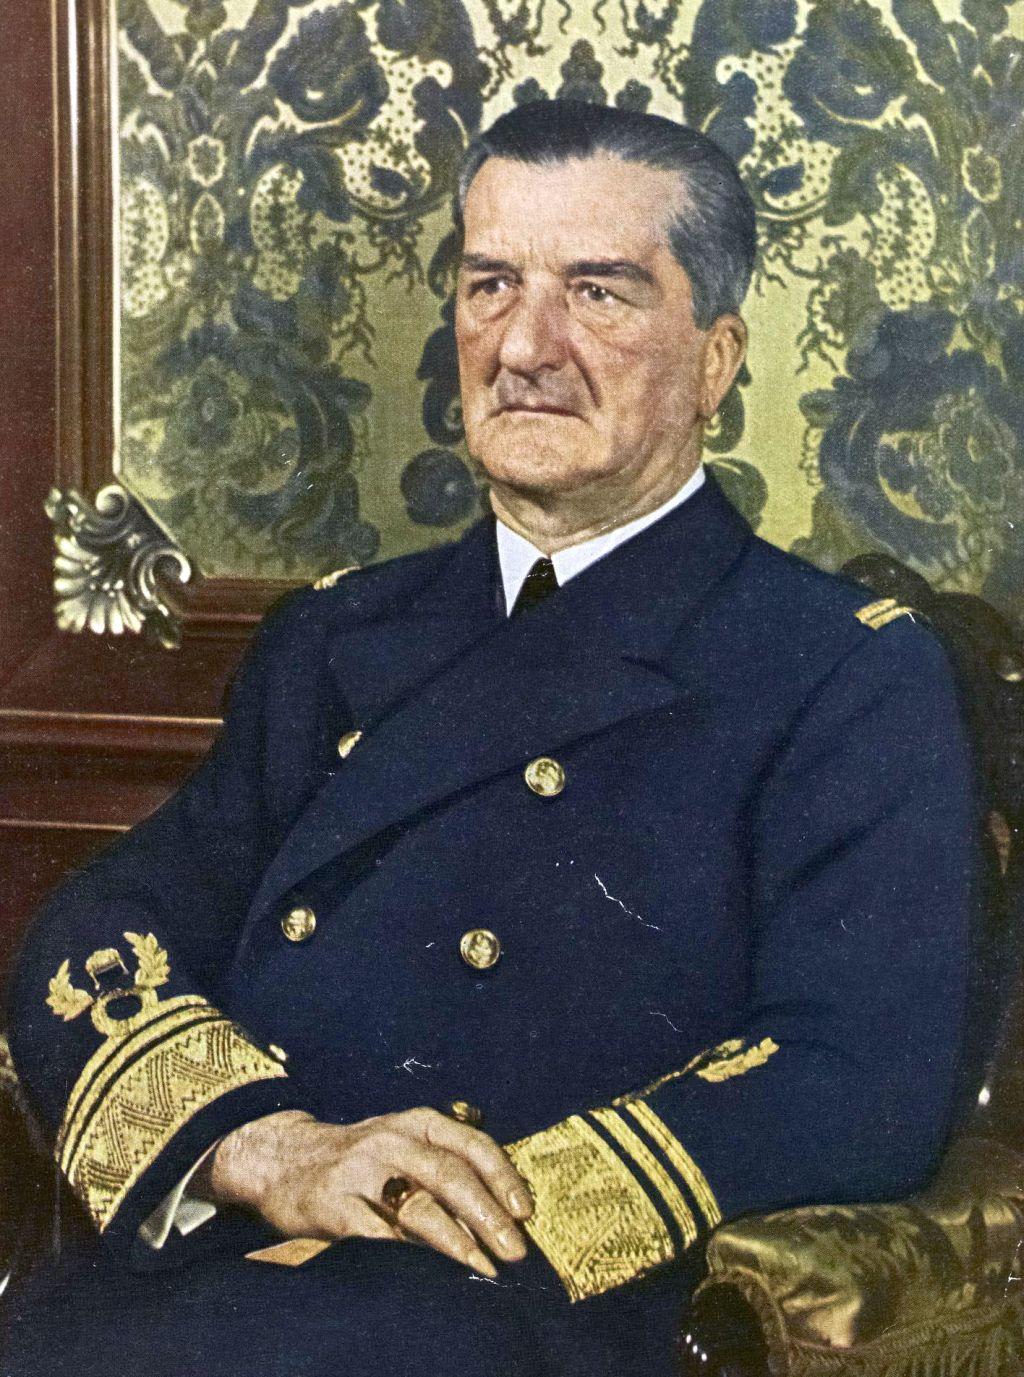 Admirál Miklós Horthy, který inicioval grandiózní plán výstavby maďarské válečné flotily